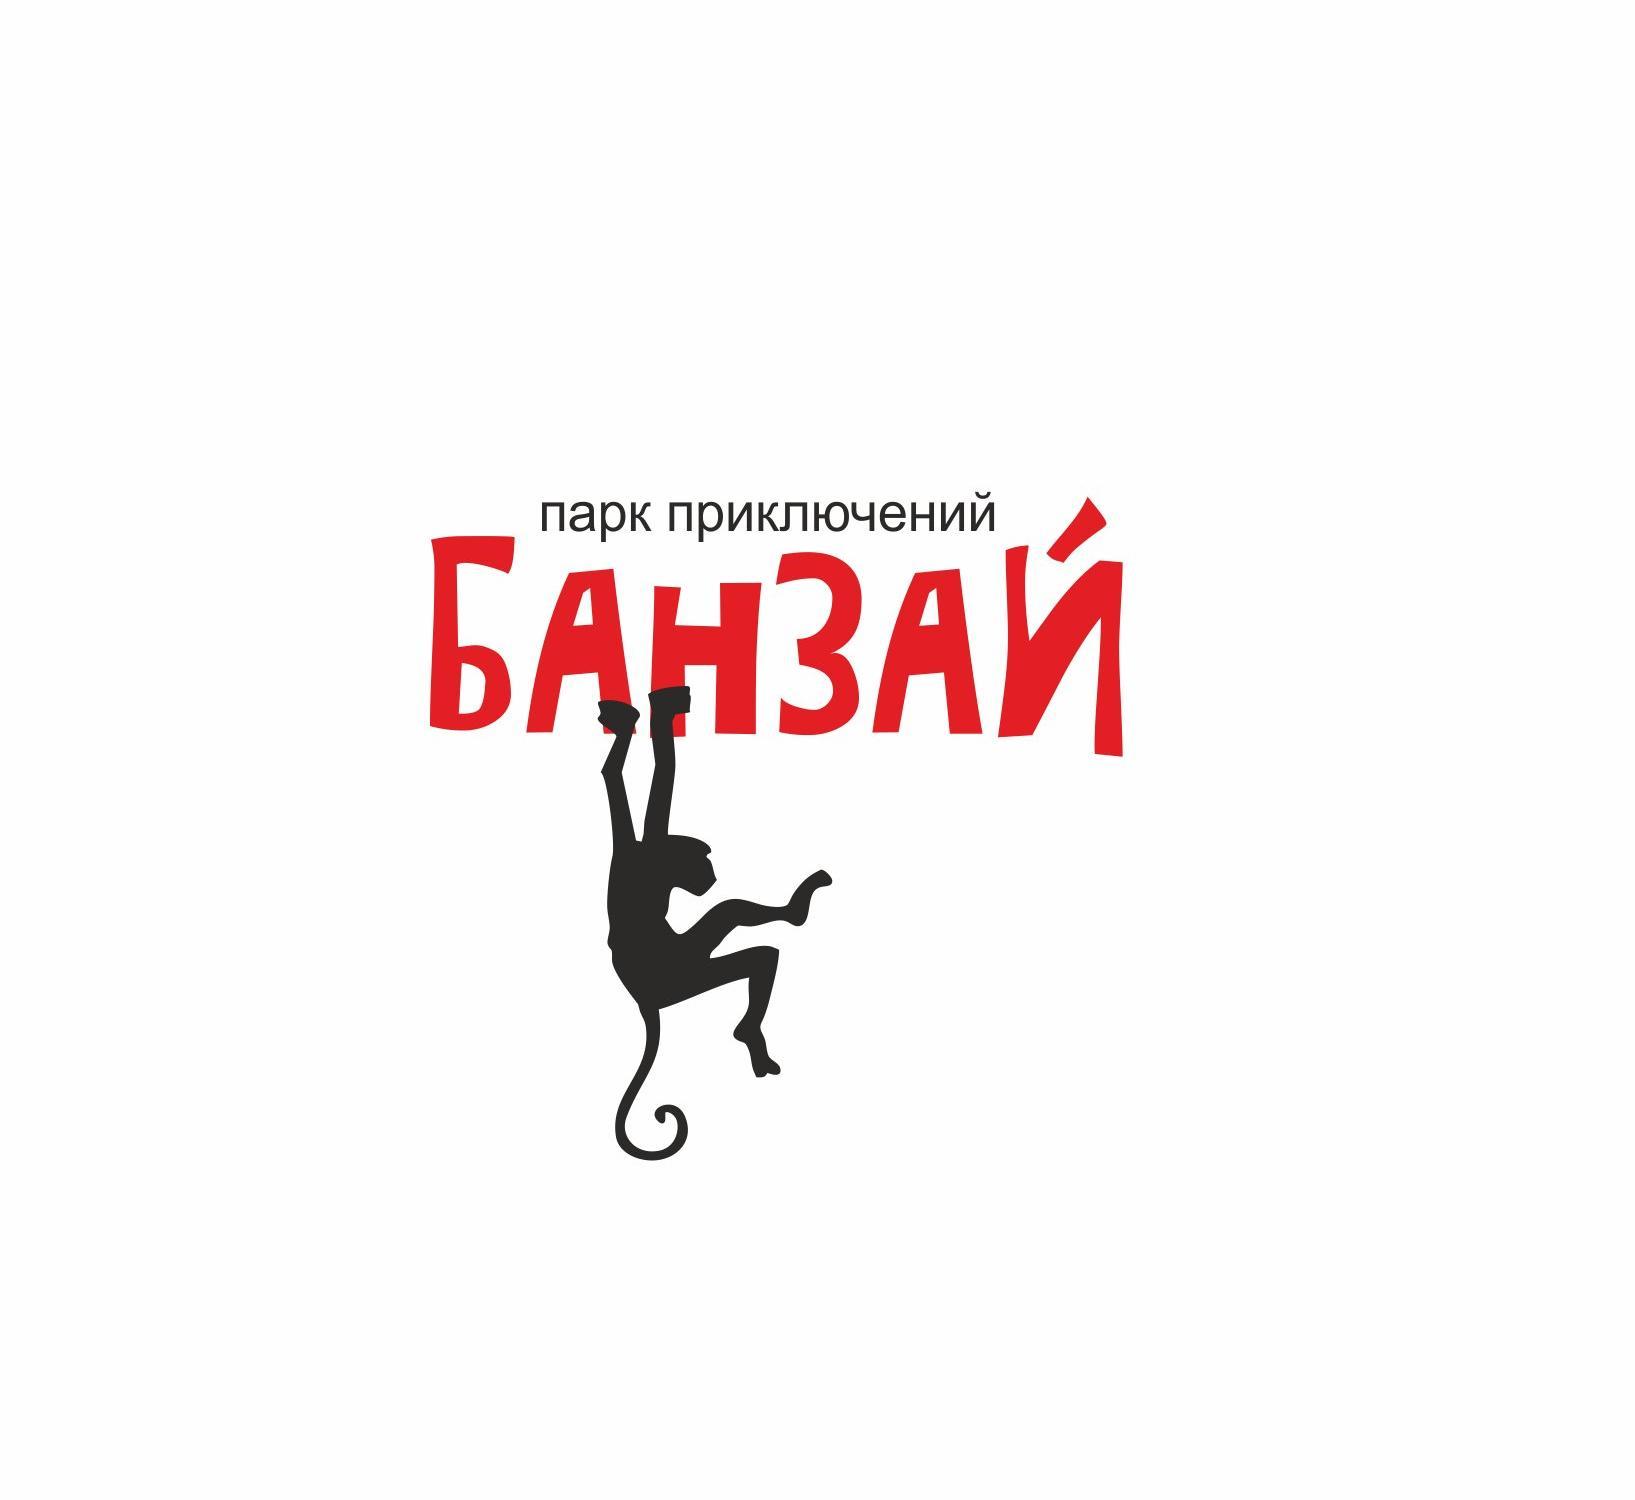 фотография Парка приключений Банзай в Московском районе